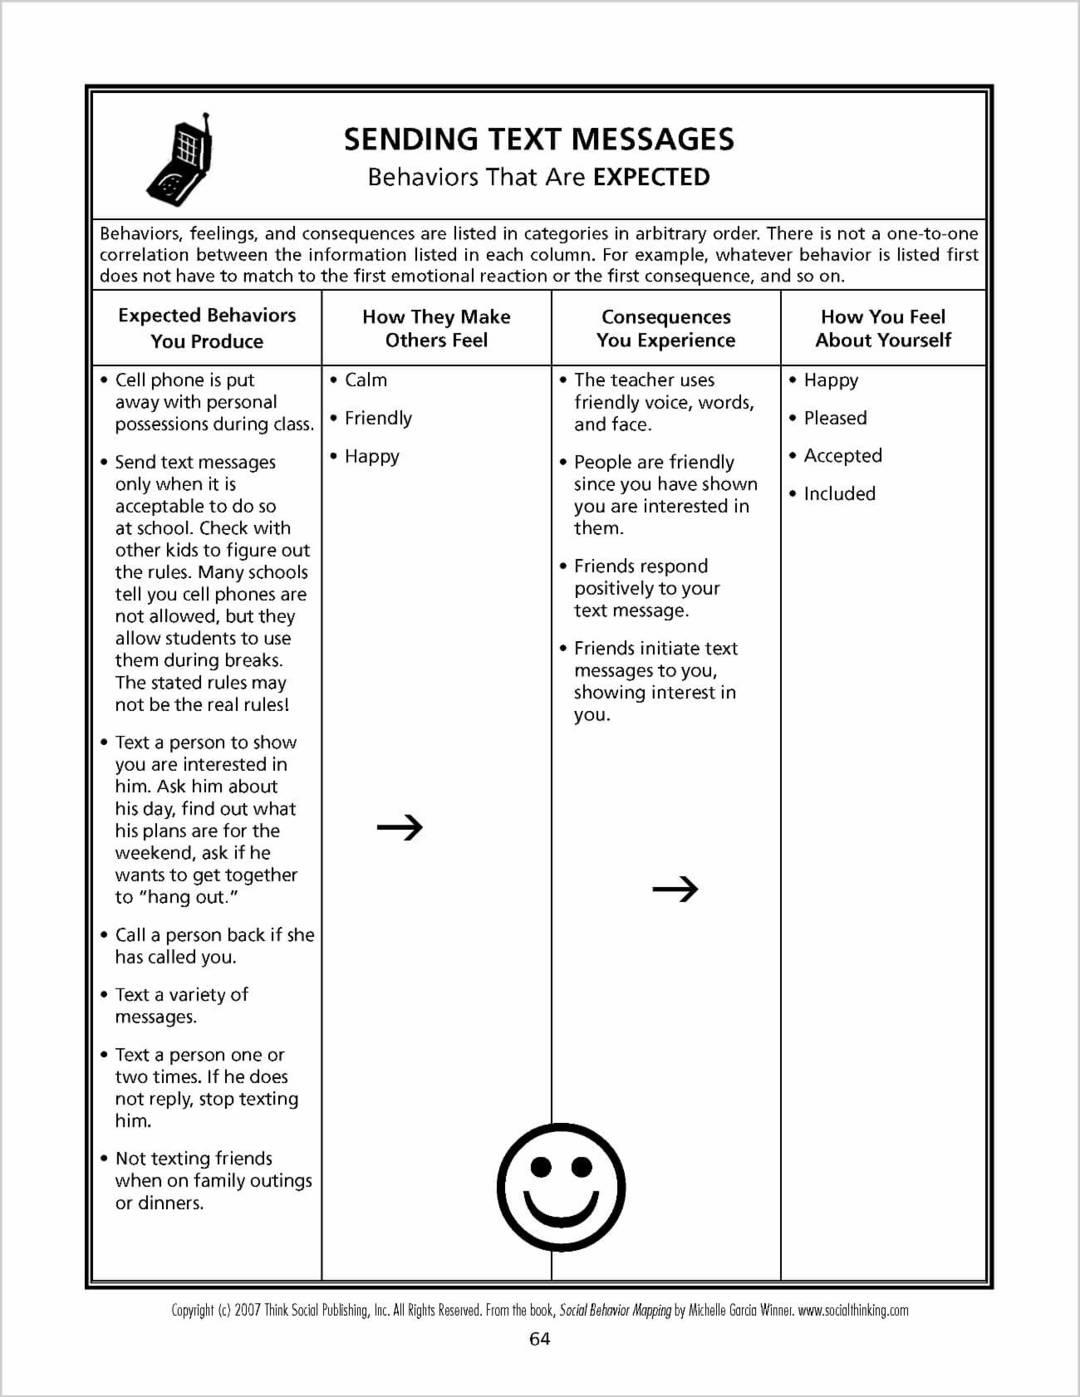 Social Behavior Mapping Socialthinking   Social Behavior Mapping: Connecting Behavior  Social Behavior Mapping